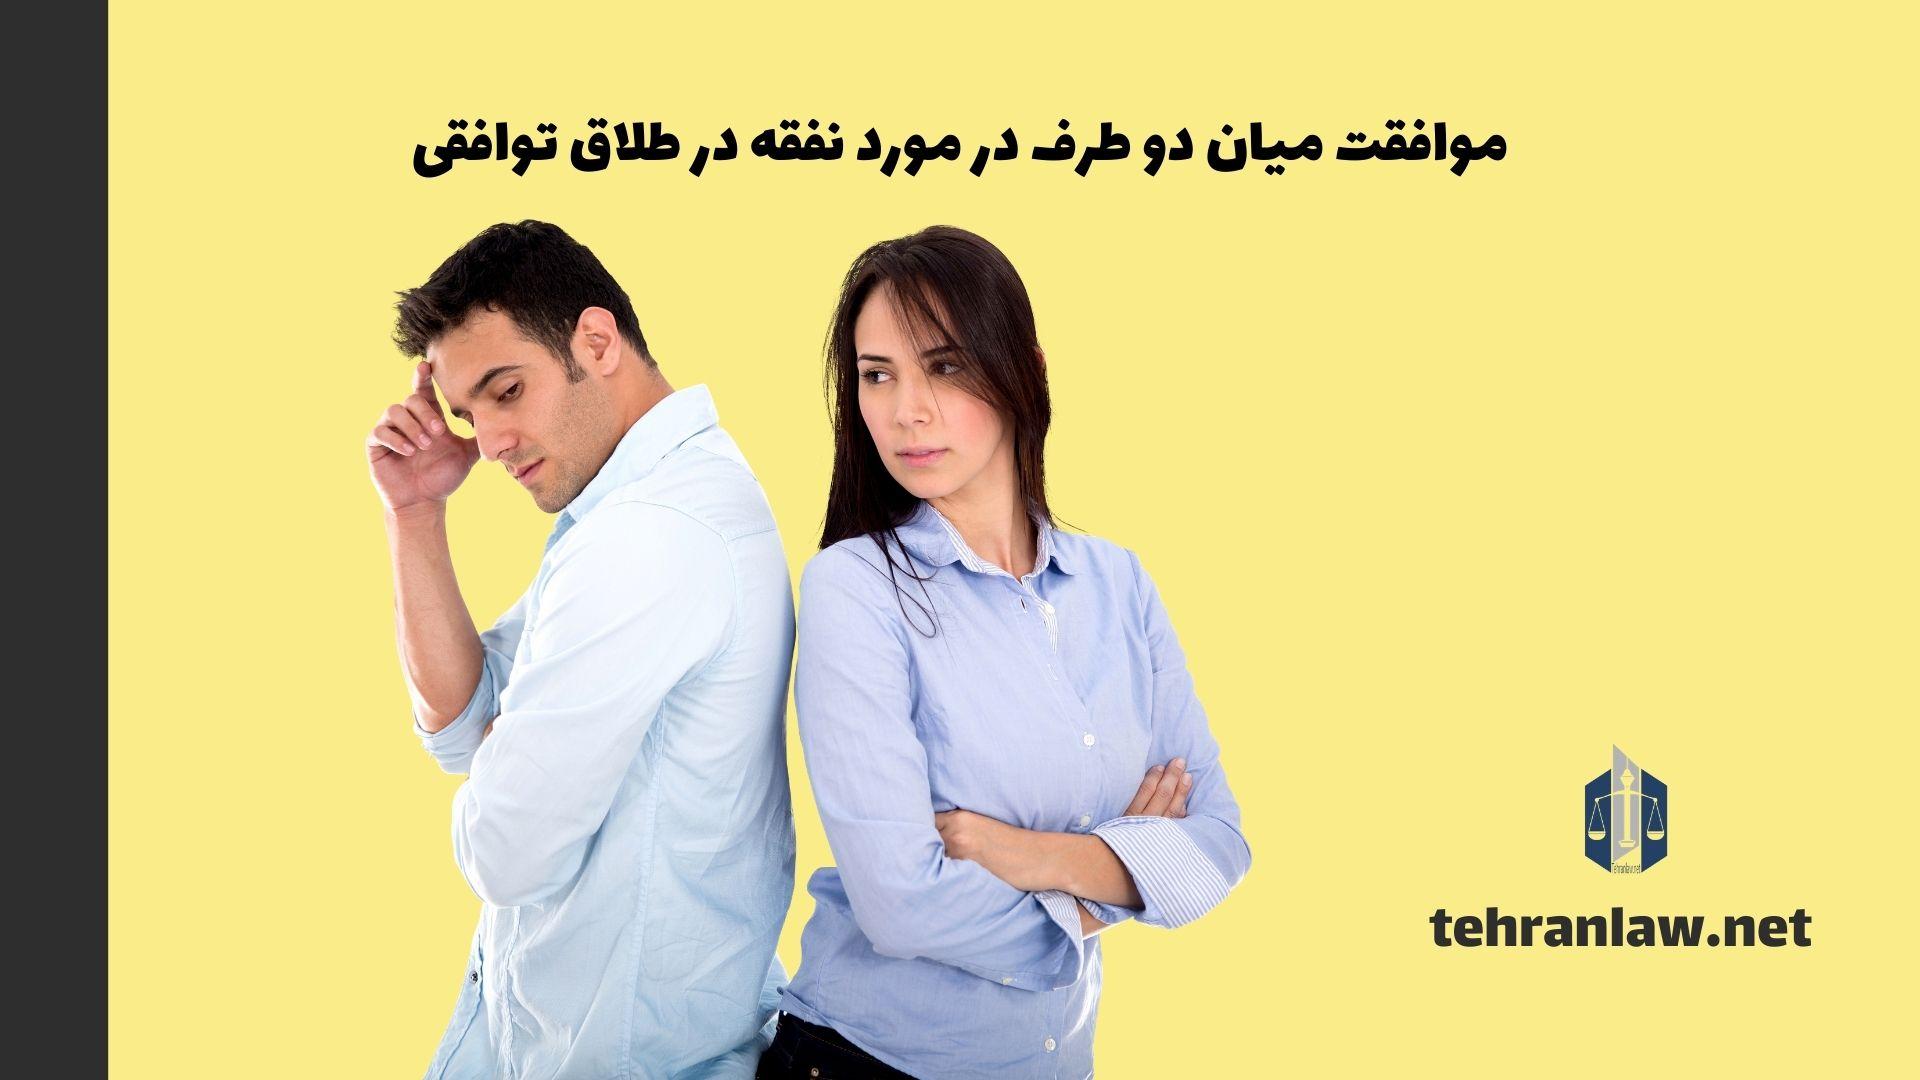 موافقت میان دو طرف در مورد نفقه در طلاق توافقی